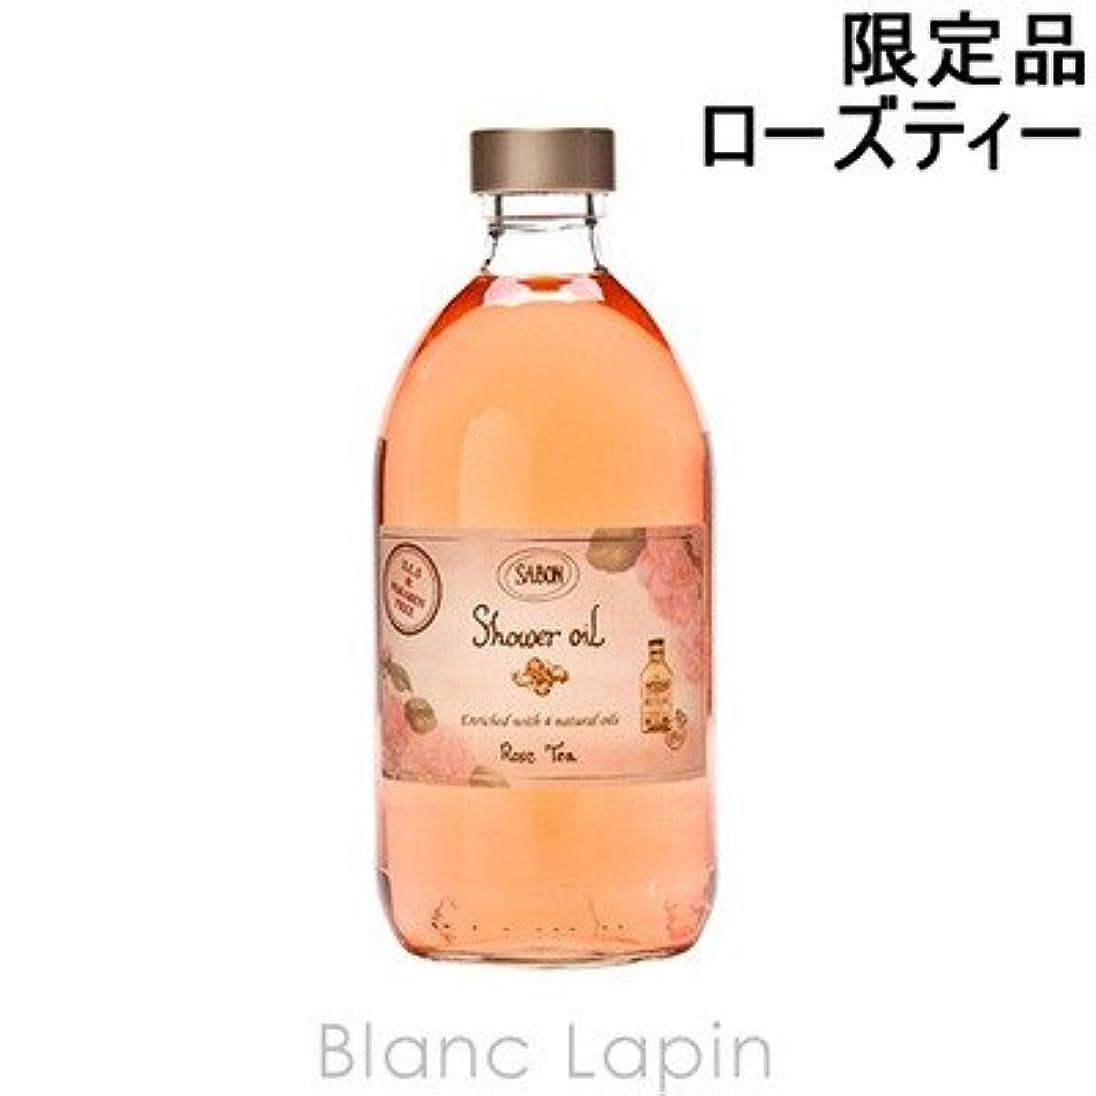 バレエハリケーン作曲するサボン シャワーオイル ローズ ティー 500ml【限定商品】